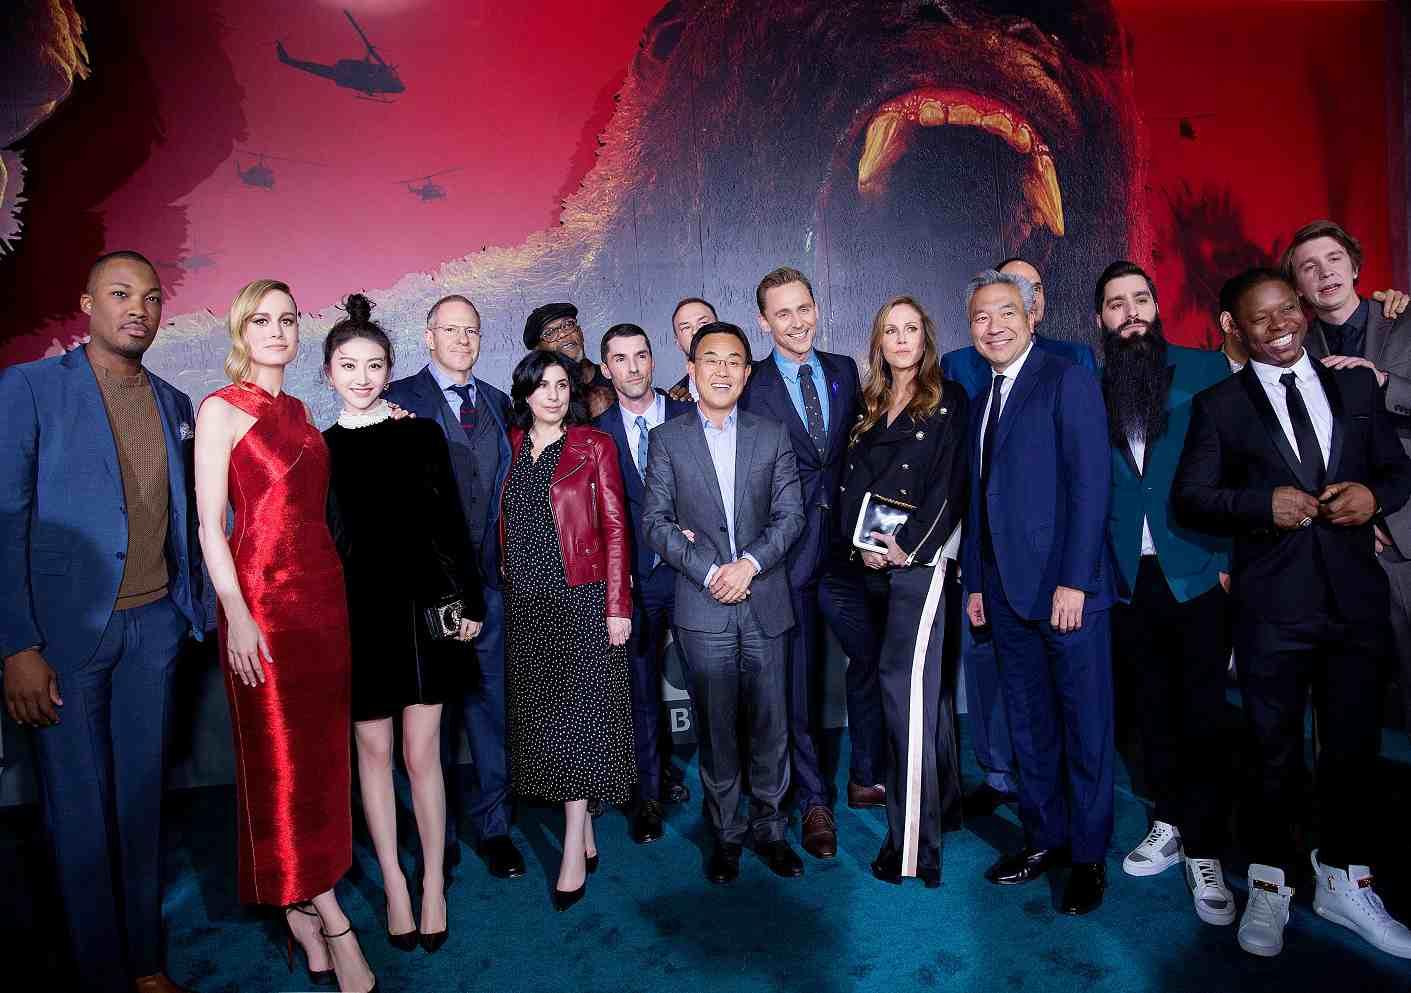 《金刚:骷髅岛》洛杉矶首映 抖森景甜齐亮相